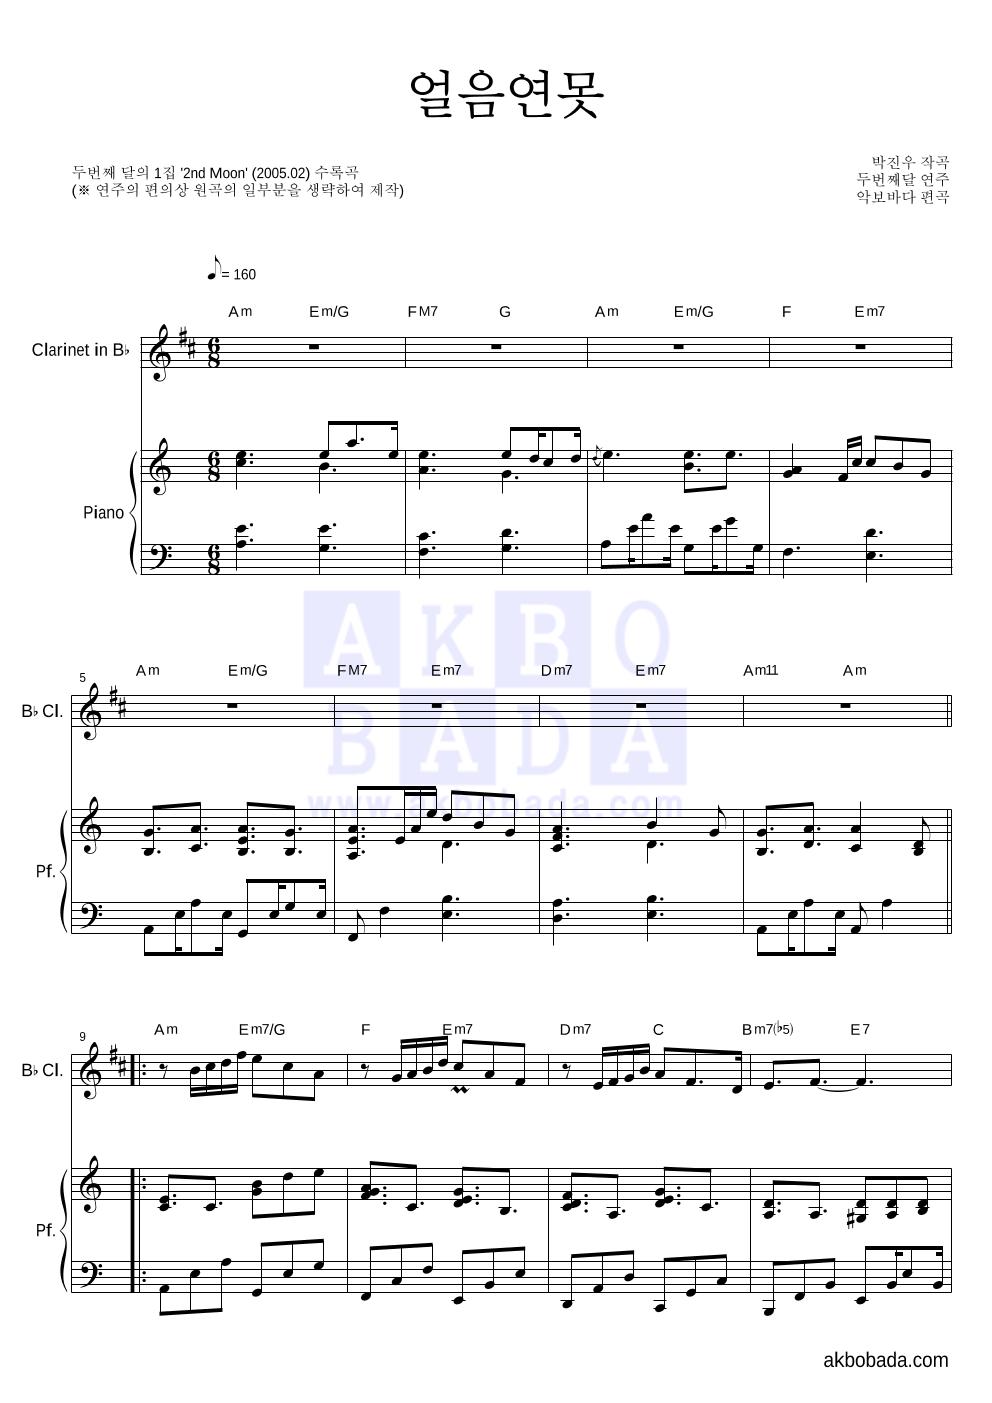 두번째 달 - 얼음연못 클라리넷&피아노 악보